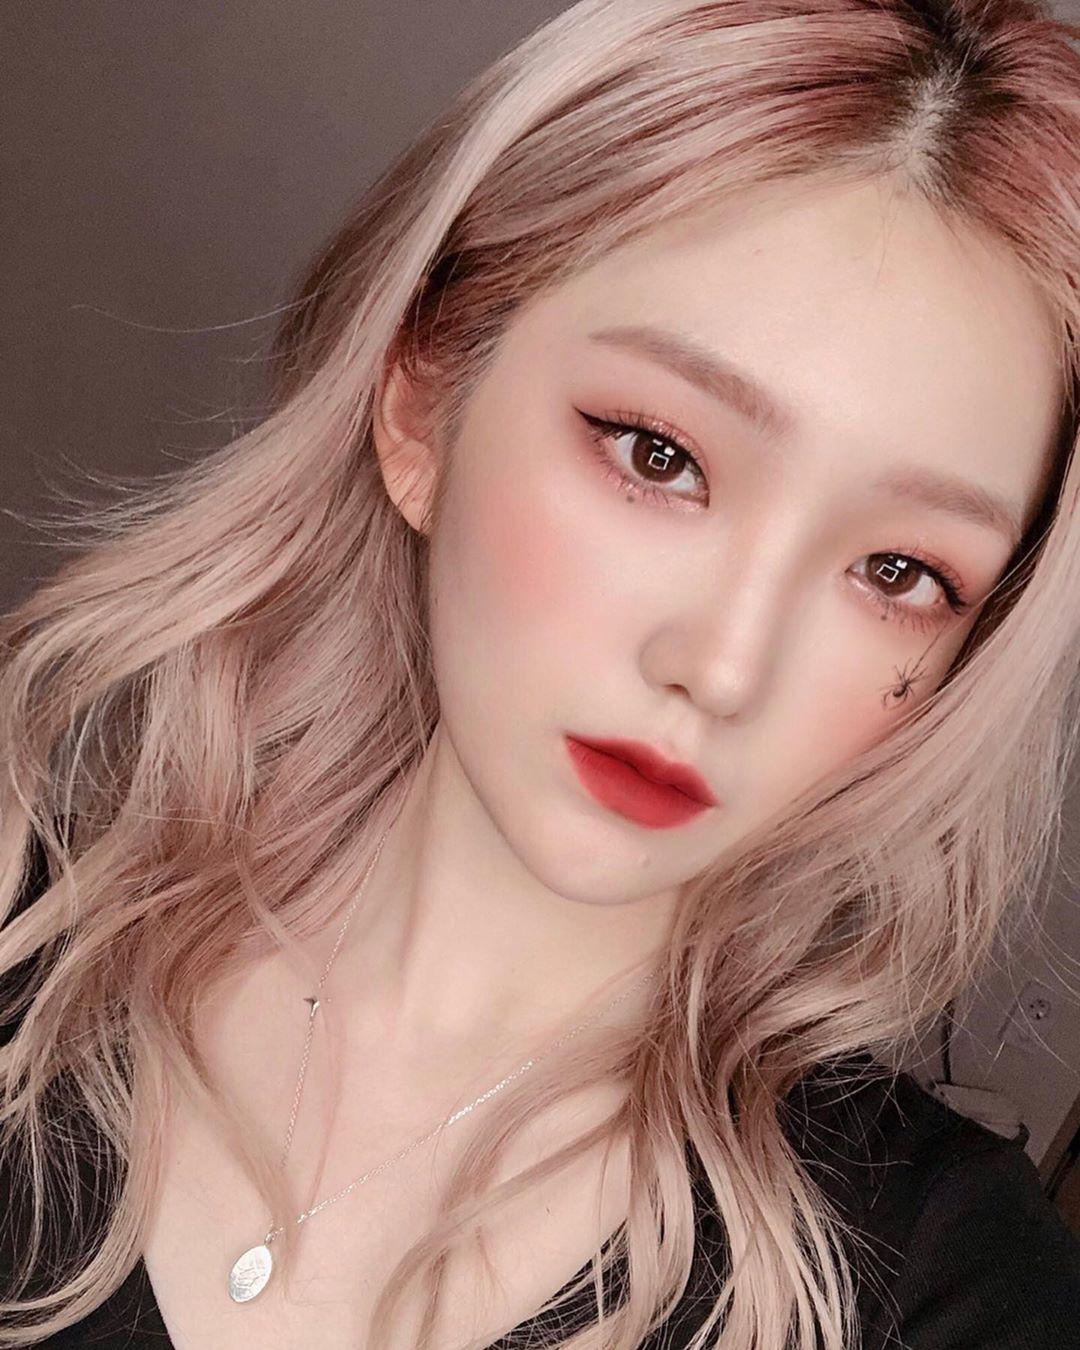 美妝YouTuber激似「韓團女神Irene」爆紅 連IU都完美複製!